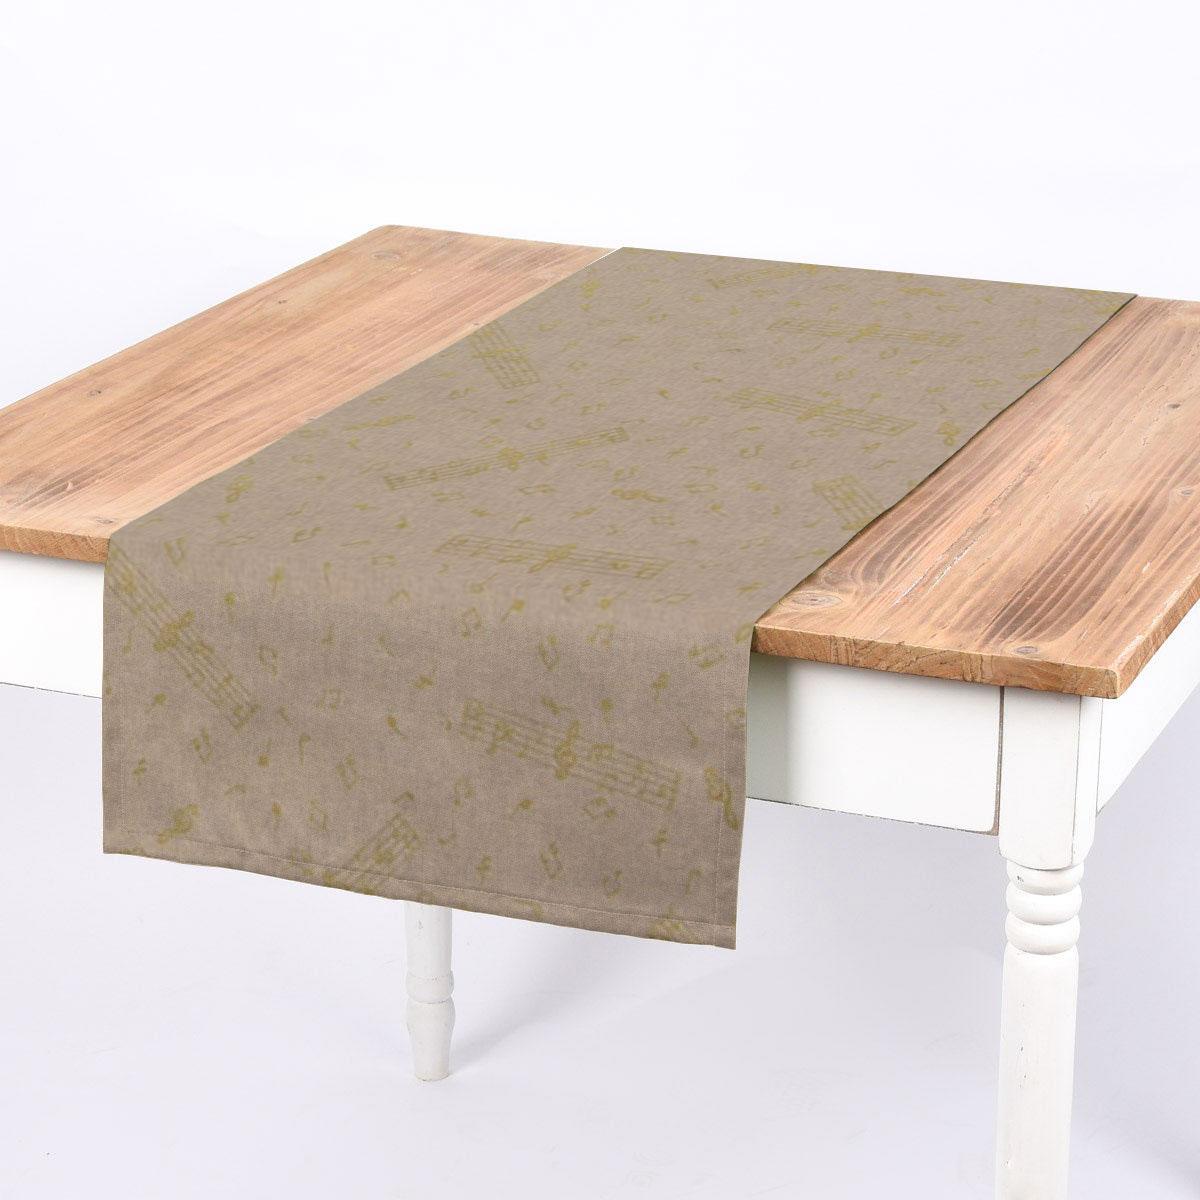 SCHÖNER LEBEN. Tischläufer Noten natur gold 40x160cm